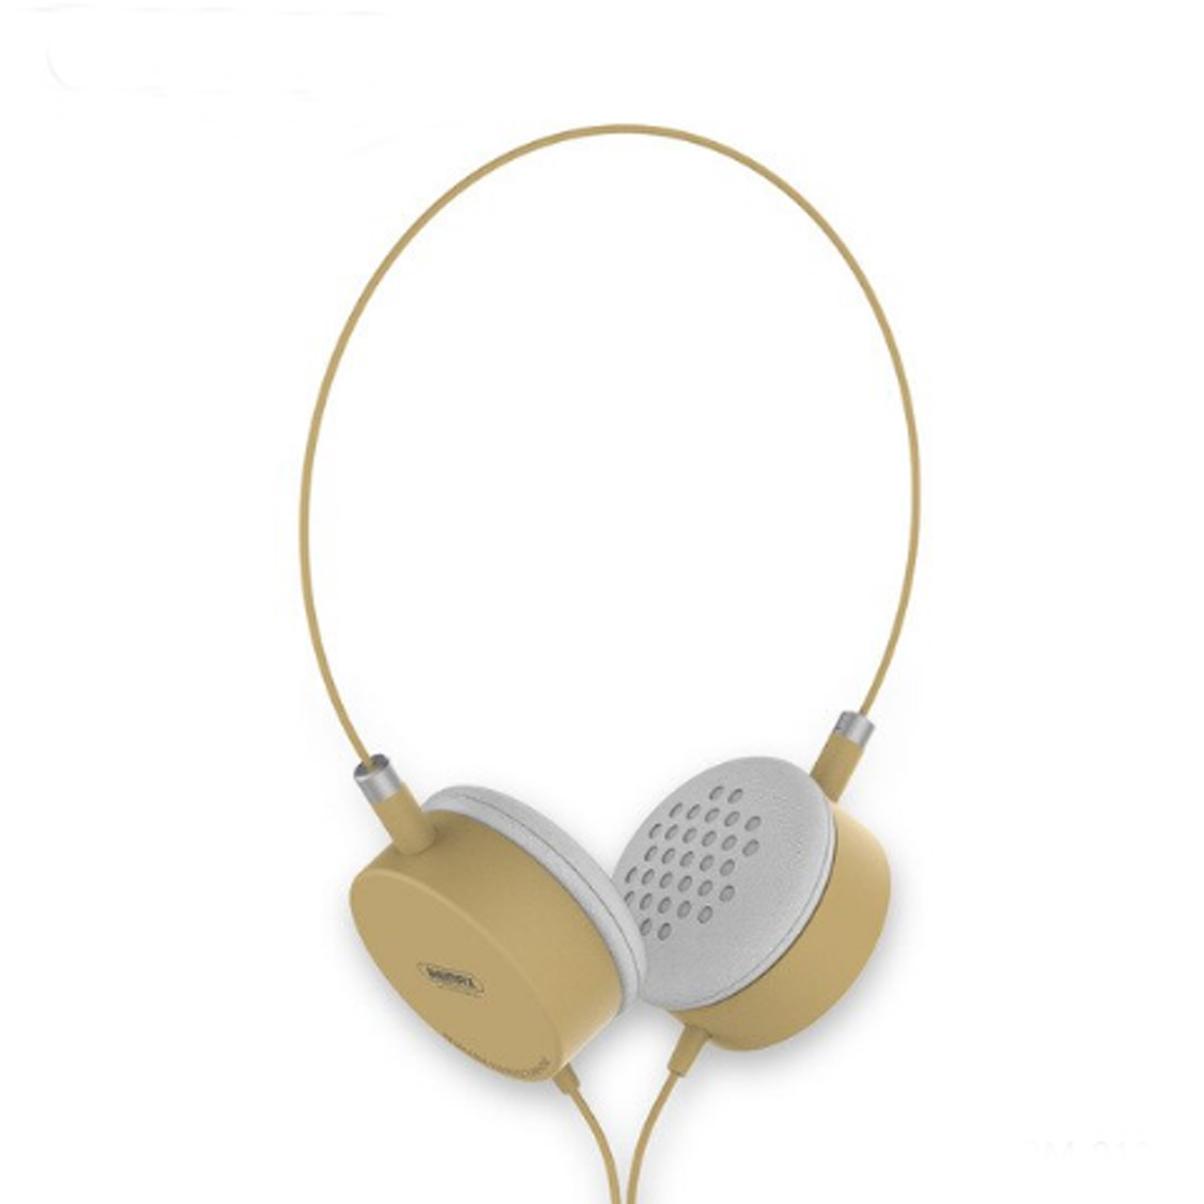 Combo Tai Nghe Headphone Có Dây Tai Nghe  Remax RM-910 + Tặng Kèm 01 Dây Đeo ĐT - Hàng Chính Hãng